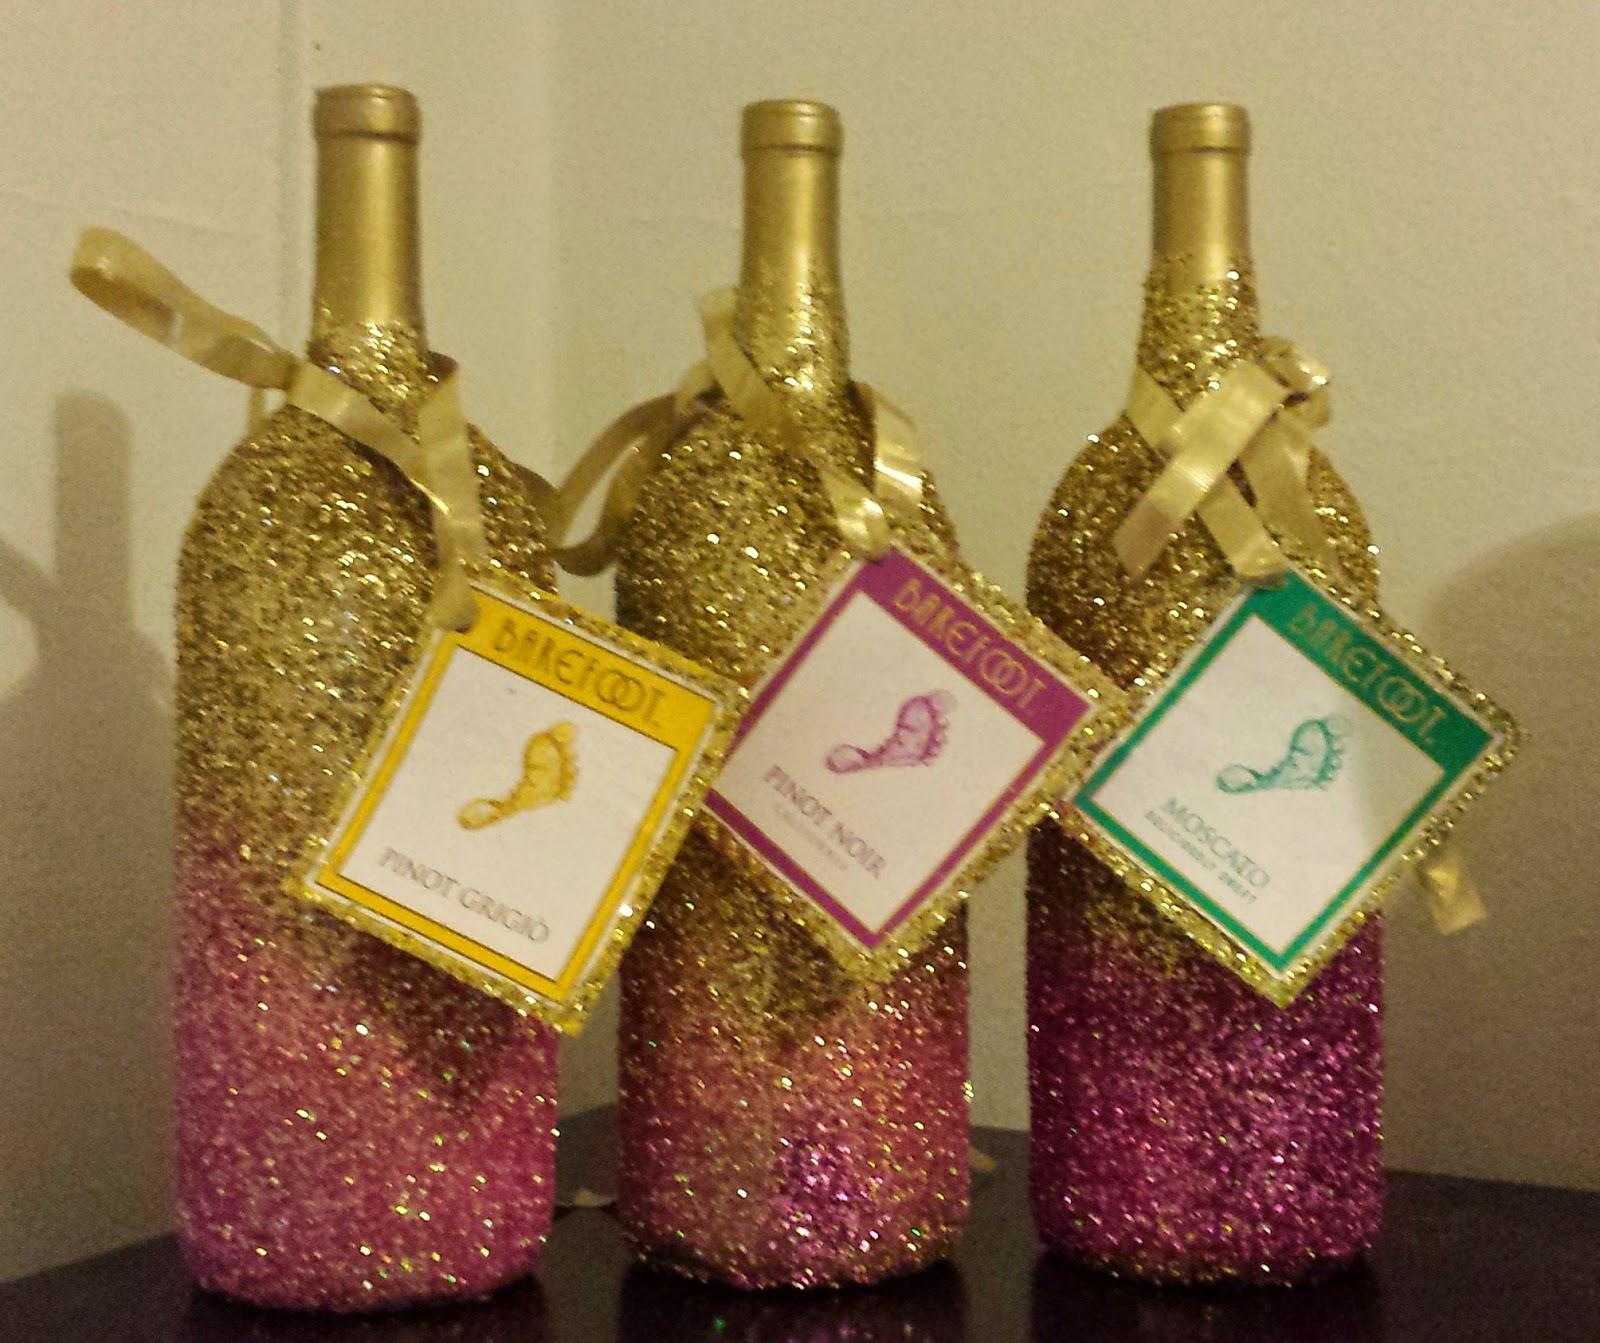 diy glittery wine bottles blogher